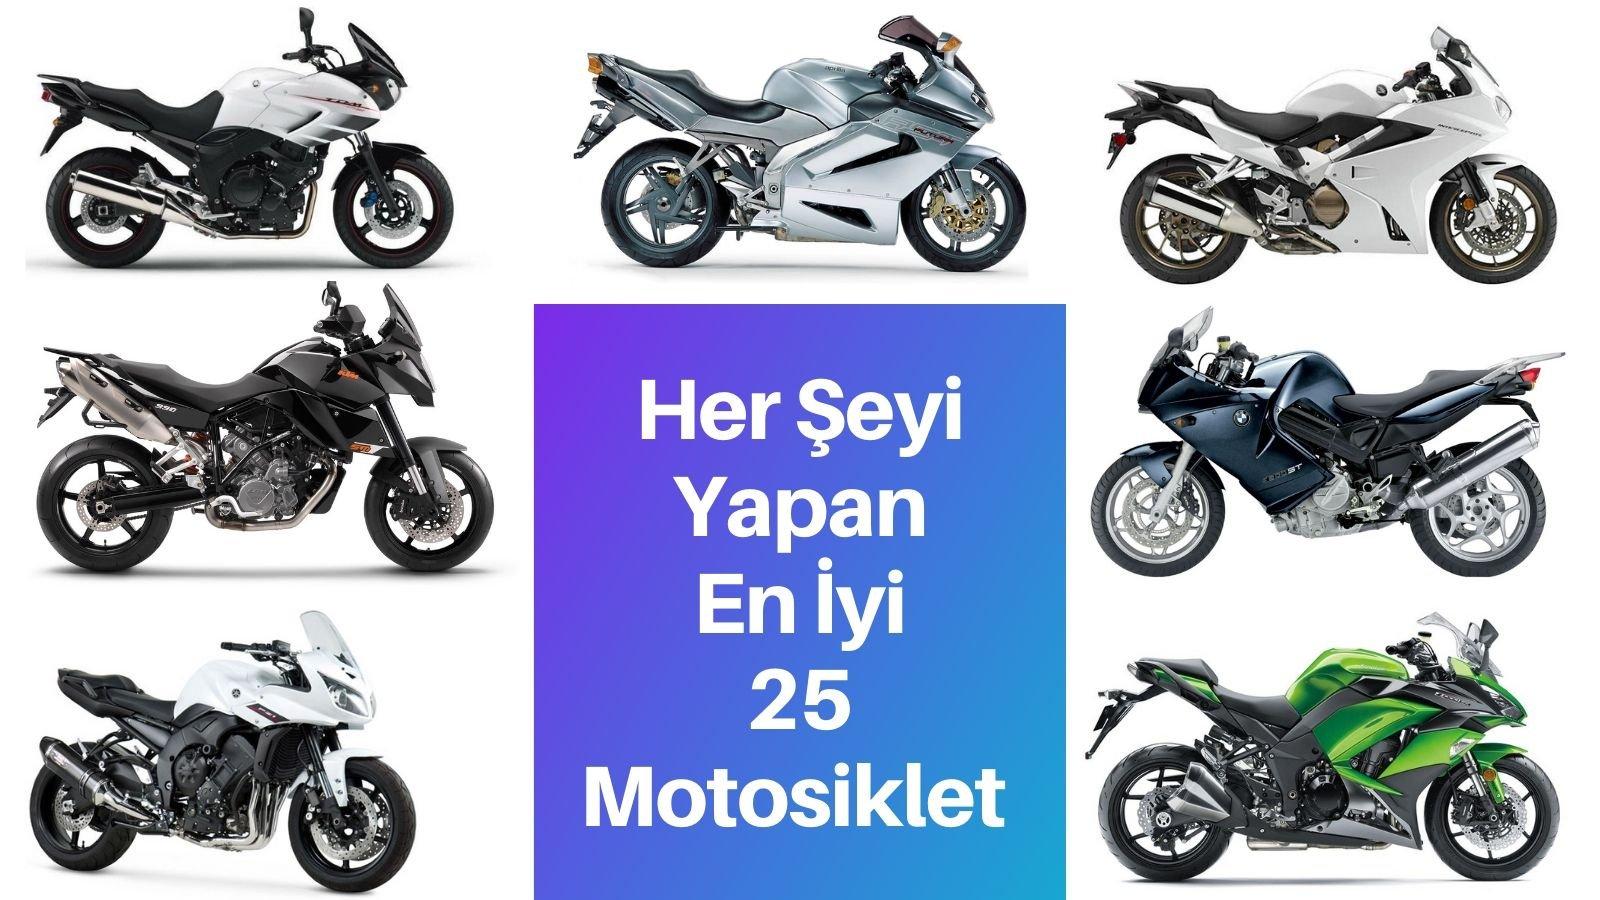 Her İşi Yapan En İyi 25 Motosiklet